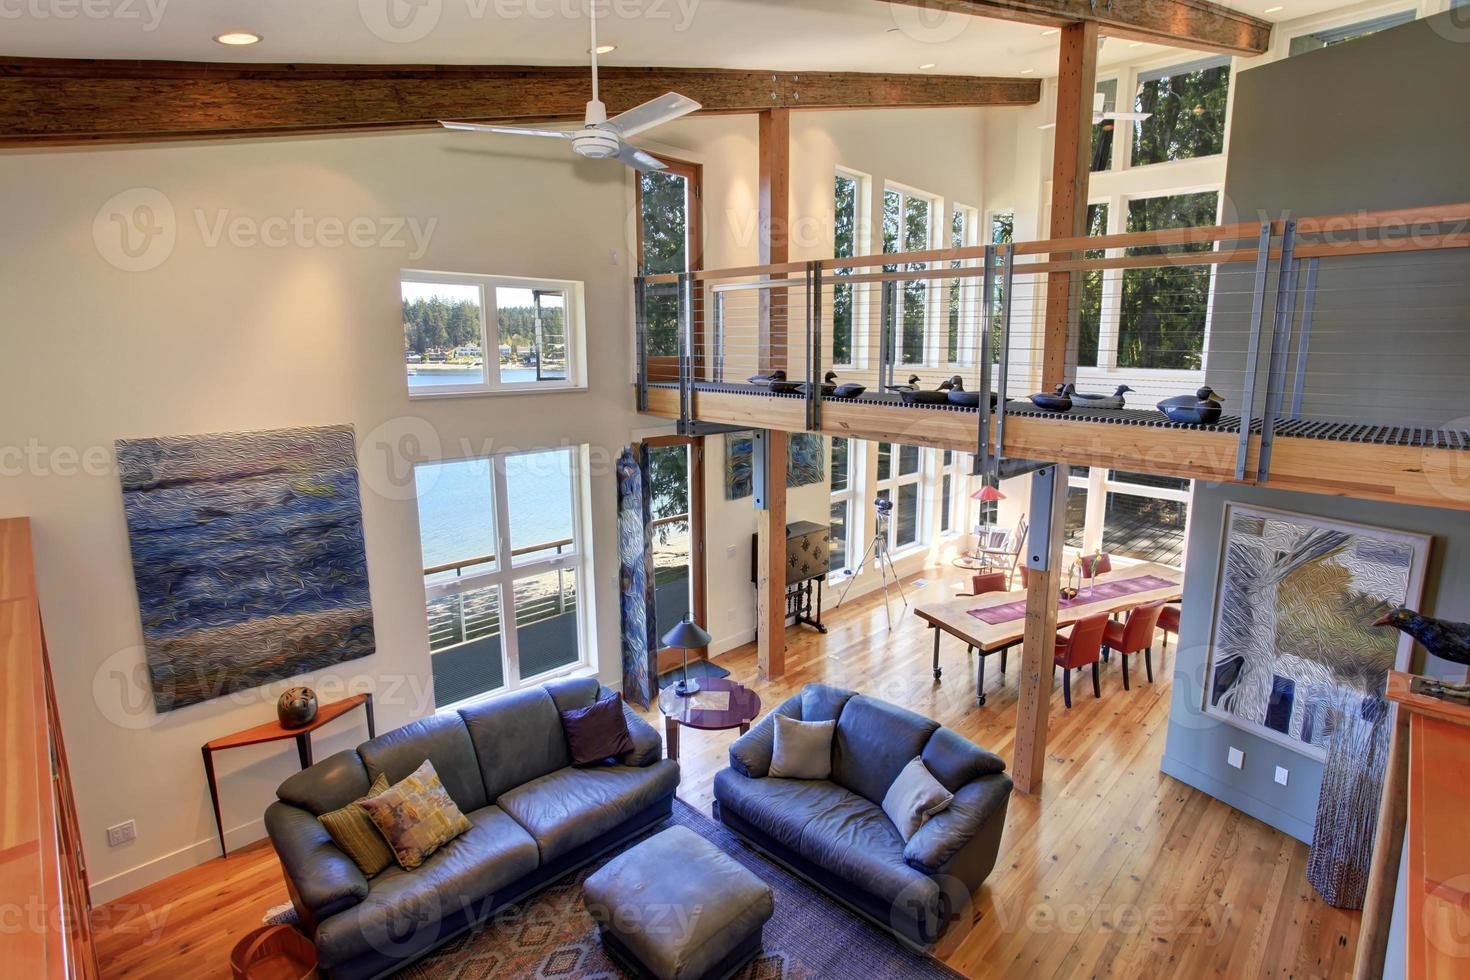 moderniserat vardagsrum med skinnsoffor. foto